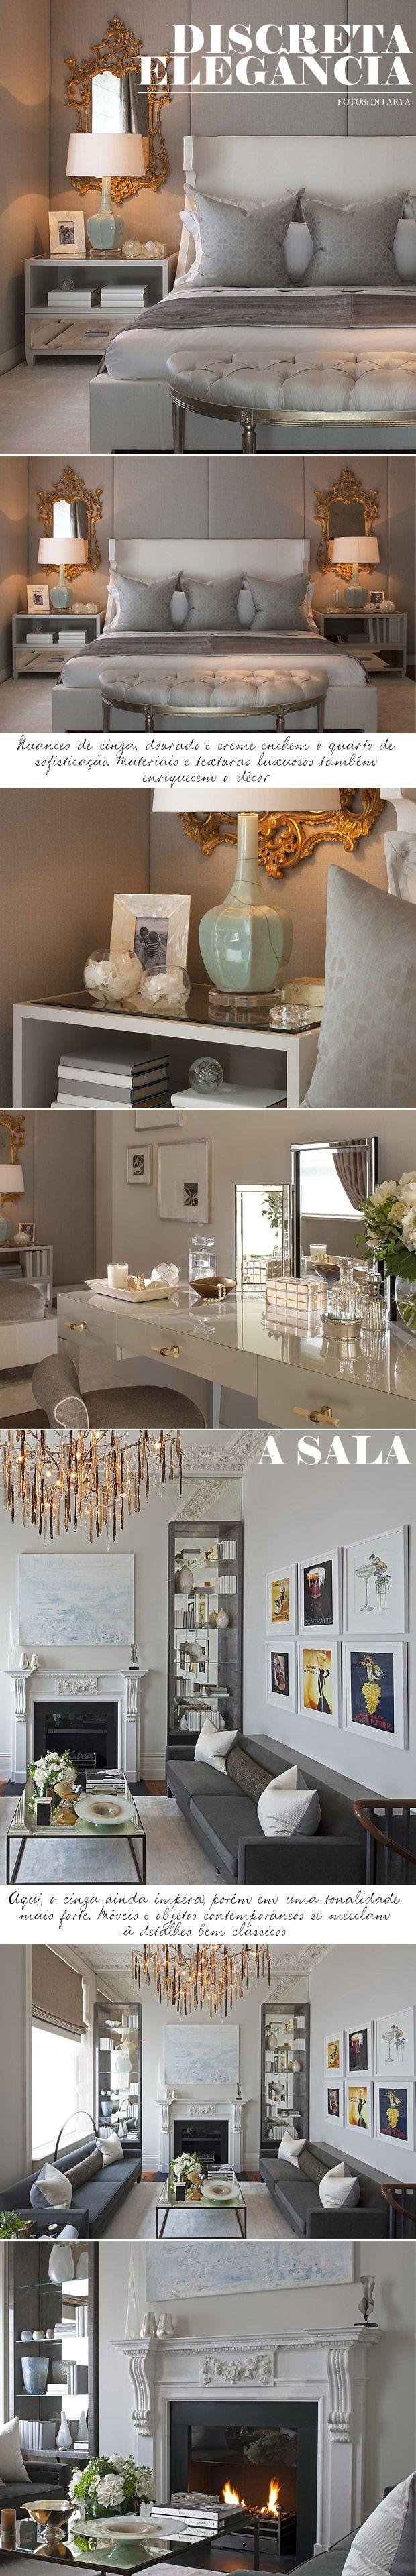 living-gazette-barbara-resende-comodos-quarto-sala-classico-contemporaneo-elegante-discreto